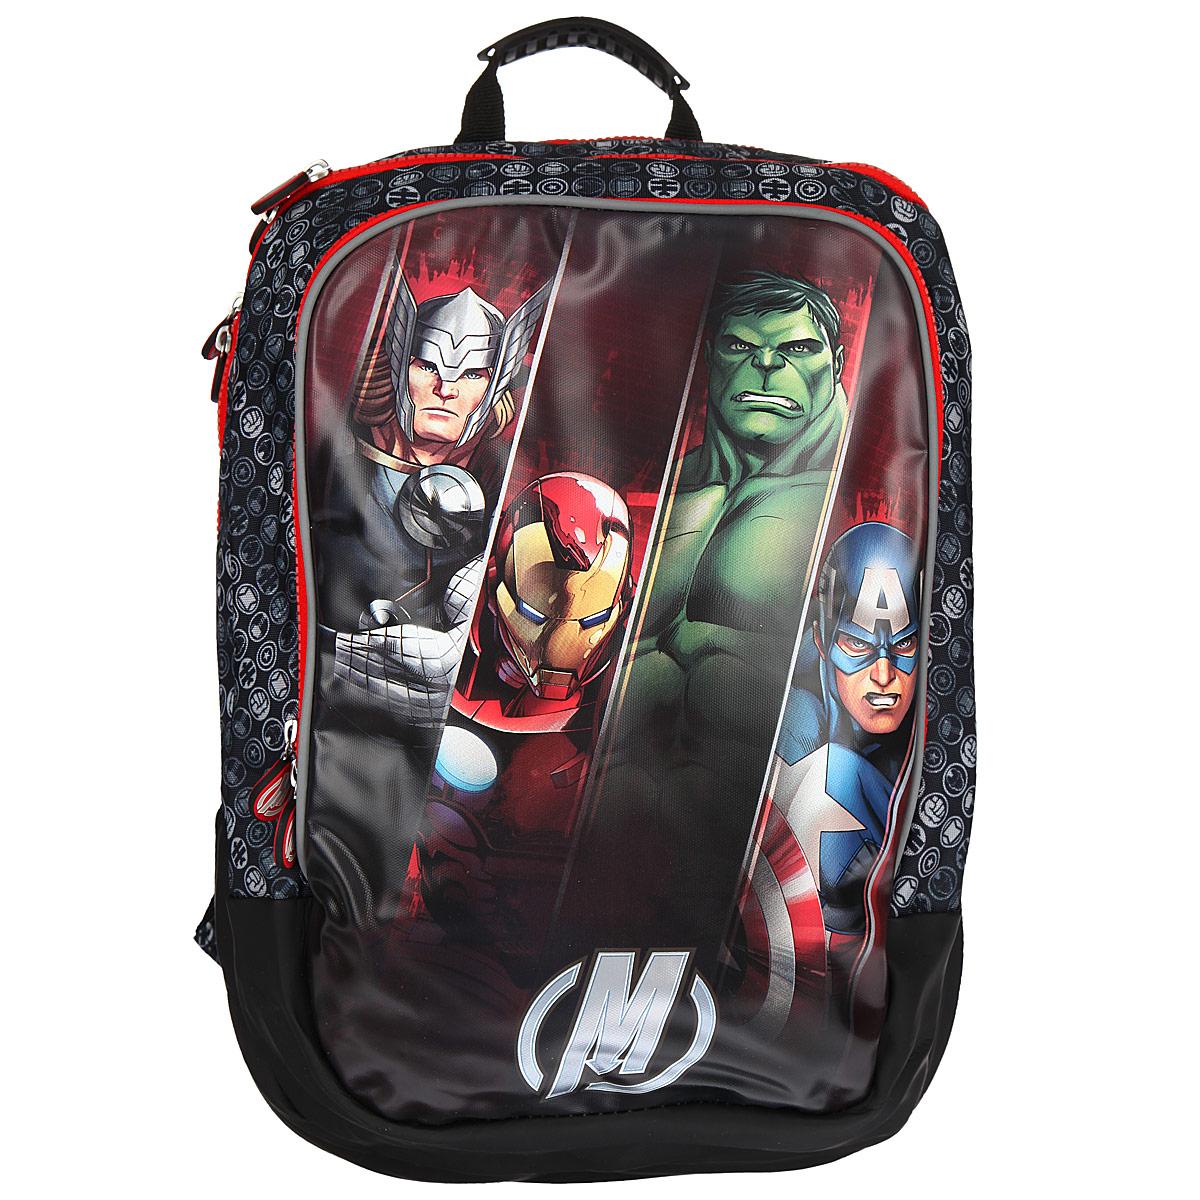 Рюкзак школьный Мстители, цвет: черный, серый, красный. 2590225902Вместительный ортопедический рюкзак Мстители обязательно понравится вашему школьнику.Он выполнен из прочного и водонепроницаемого материла черного, серого и красного цветов и оформлен изображением героев из мультсериала Мстители.Содержит два вместительных отделения, закрывающиеся на застежки-молнии с двумя бегунками. Бегунки застежки дополнены прорезиненными держателями. В большом отделении имеется прорезной карман на молнии. Лицевая сторона рюкзака оснащена накладным карманом на застежке-молнии, внутри которого расположены три кармашка для канцелярских принадлежностей. Ортопедическая спинка равномерно распределяет нагрузку на плечевые суставы и спину. Конструкция спинки дополнена эргономичными подушечками, противоскользящей сеточкой и системой вентиляции для предотвращения запотевания спины ребенка. Мягкие широкие лямки позволяют легко и быстро отрегулировать рюкзак в соответствии с ростом. Рюкзак оснащен эргономичной ручкой для удобной переноски в руке. Прочное дно обеспечивает рюкзаку защиту от загрязнений. Светоотражающие элементы обеспечивают безопасность в темное время суток.Многофункциональный школьный рюкзак станет незаменимым спутником вашего ребенка в походах за знаниями.Вес рюкзака без наполнения: 800 г.Рекомендуемый возраст: от 7 лет.